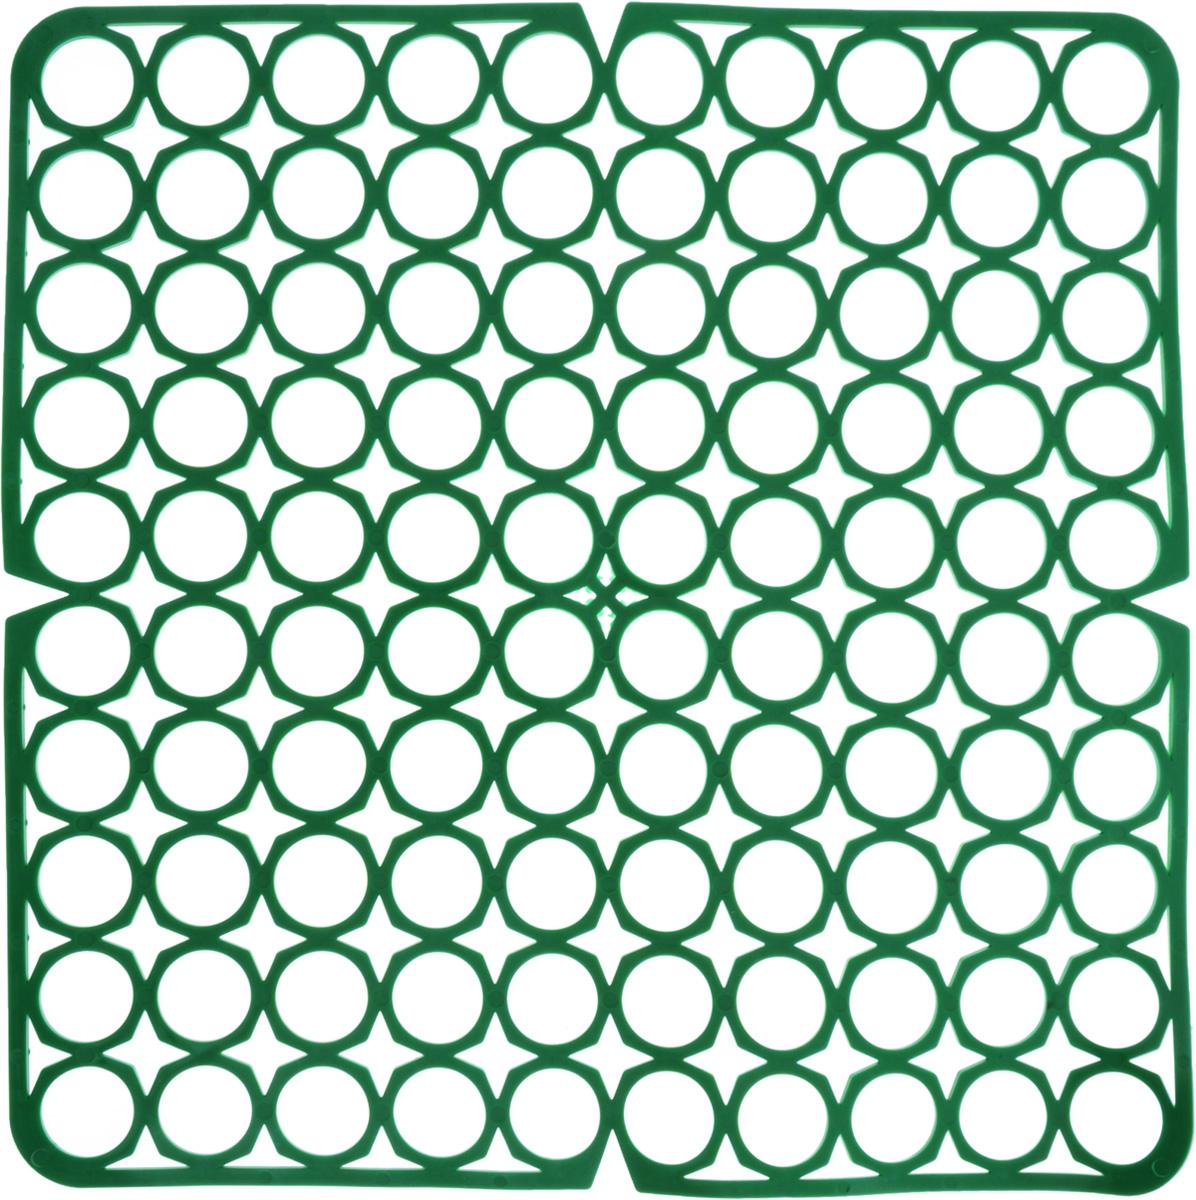 Коврик для раковины York, цвет: зеленый, 27,5 х 27,5 см9561/095610_зеленыйСтильный и удобный коврик для раковины York изготовлен из сложных полимеров. Он одновременно выполняет несколько функций: украшает, защищает мойку от царапин и сколов, смягчает удары при падении посуды в мойку. Коврик также можно использовать для сушки посуды, фруктов и овощей. Он легко очищается от грязи и жира.